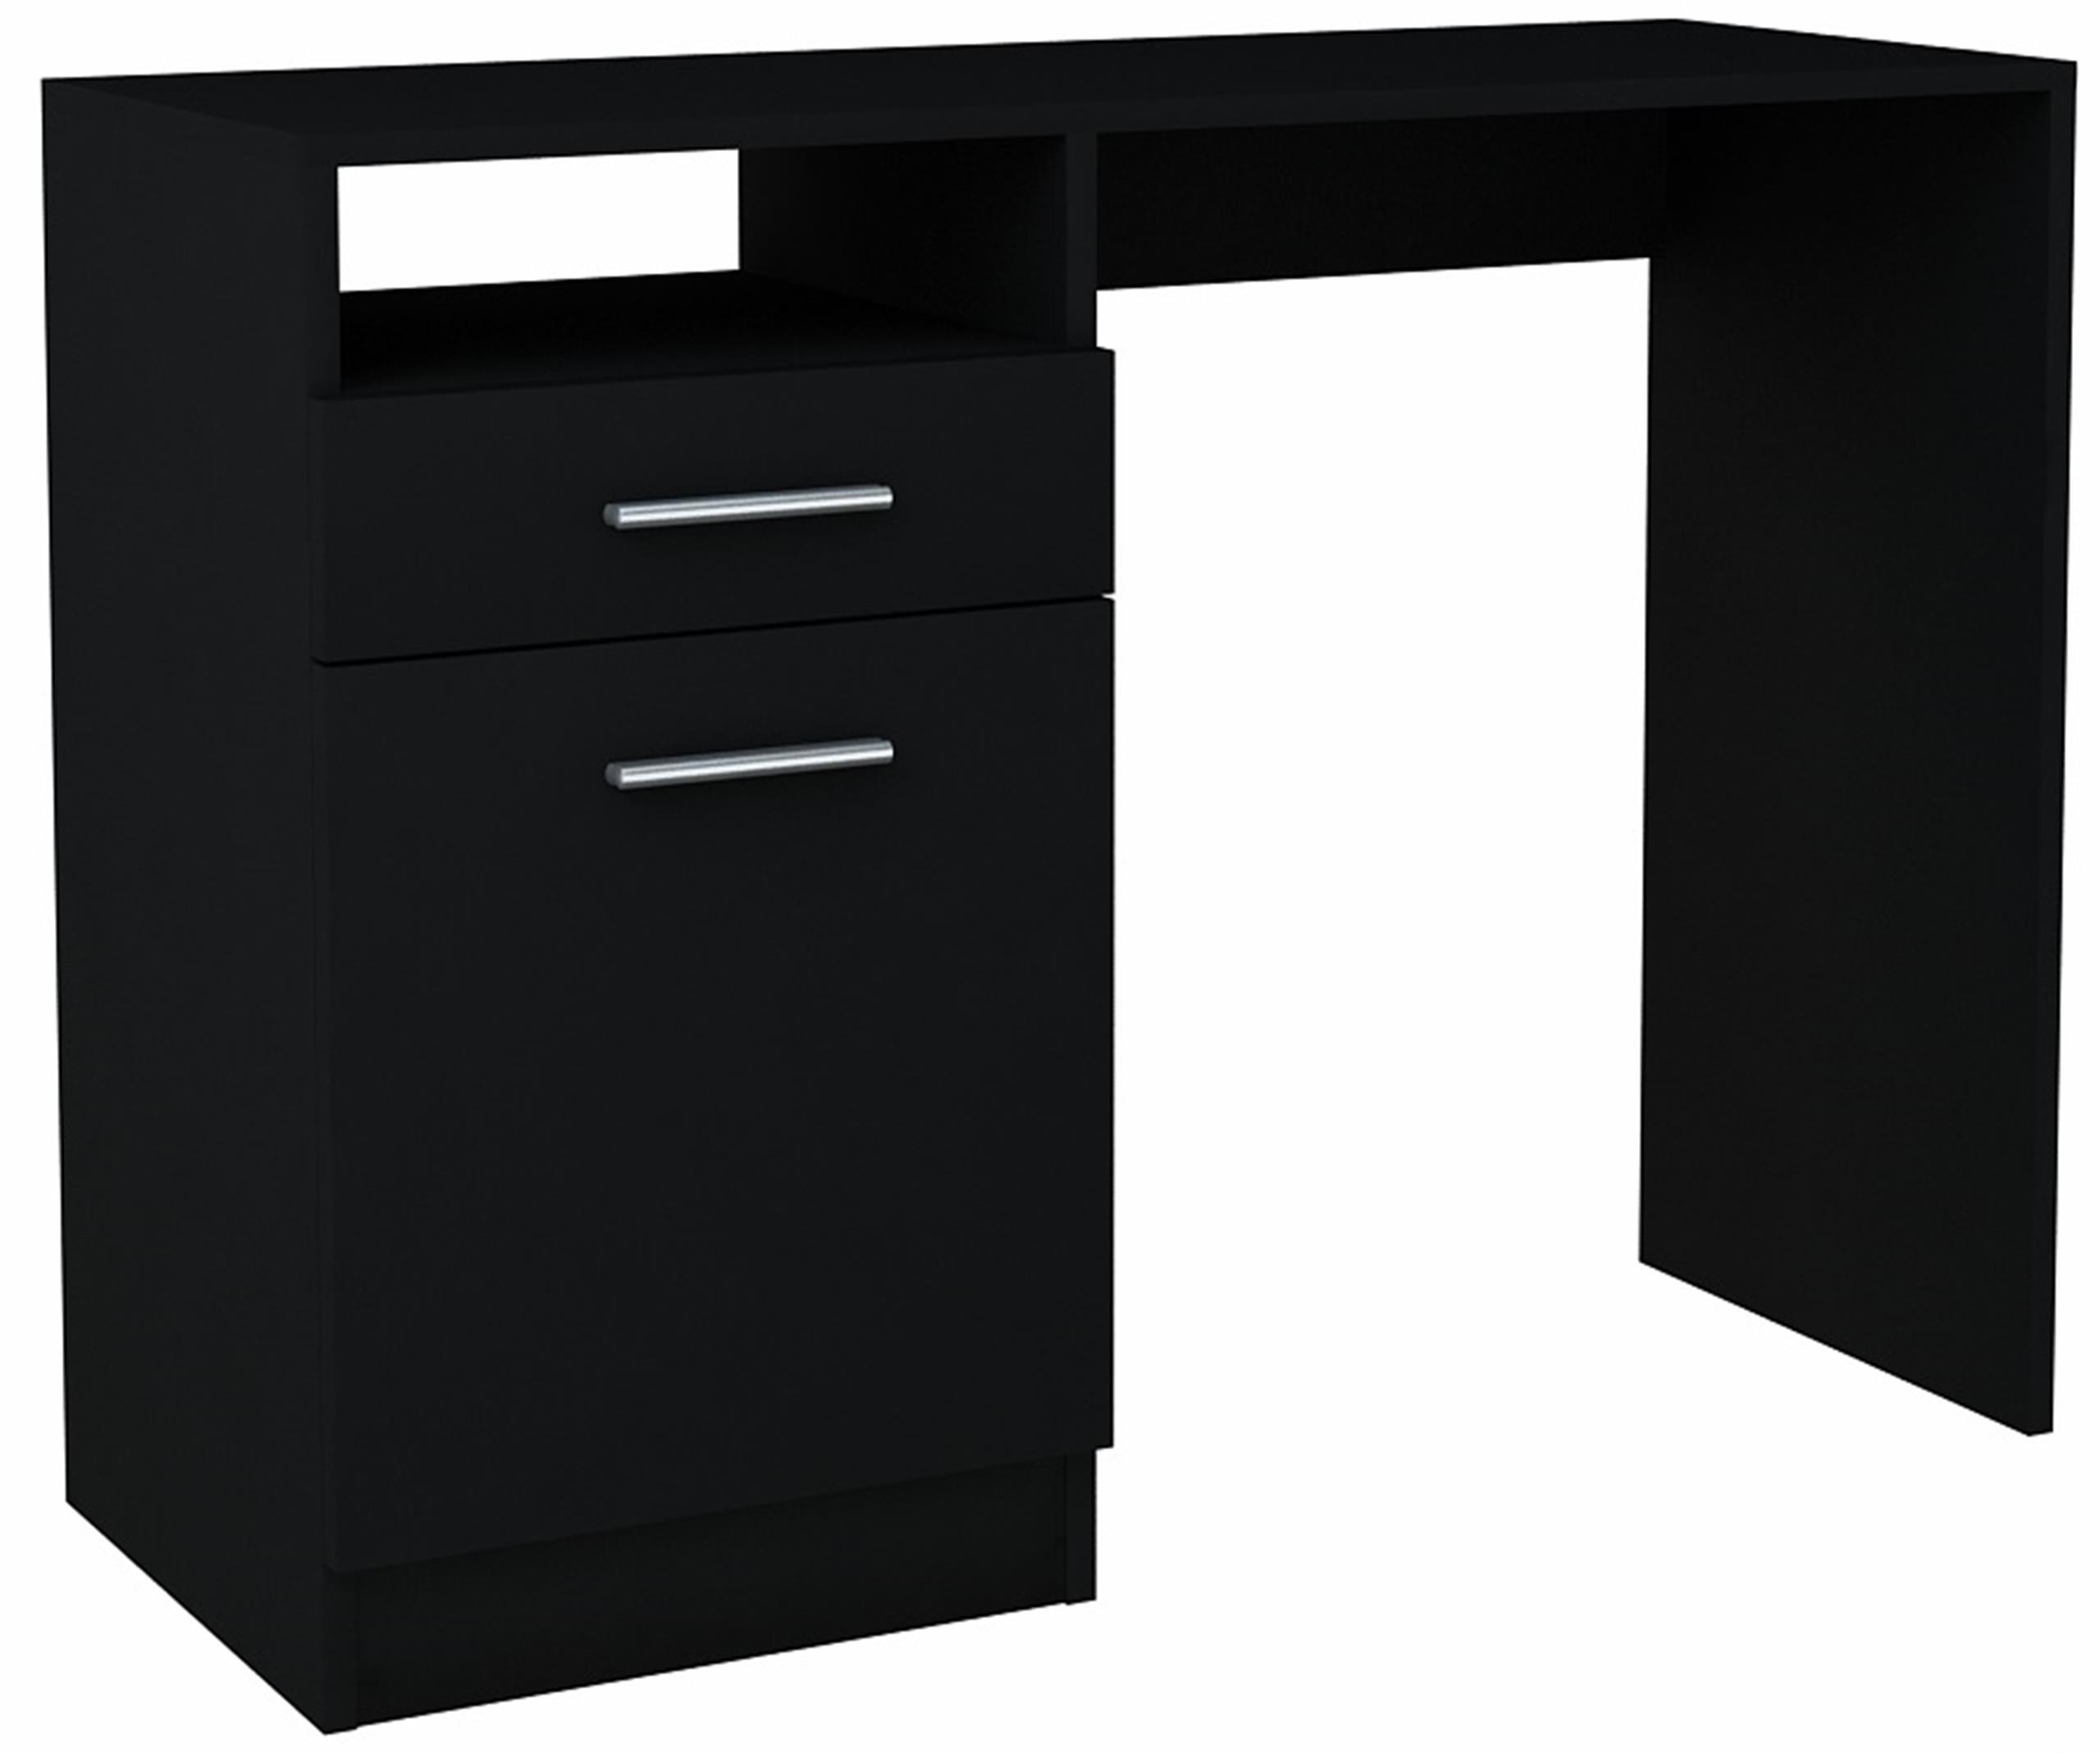 Písací stôl, šatník BODO DSP 100 cm ČIERNA skrinka bielizníka